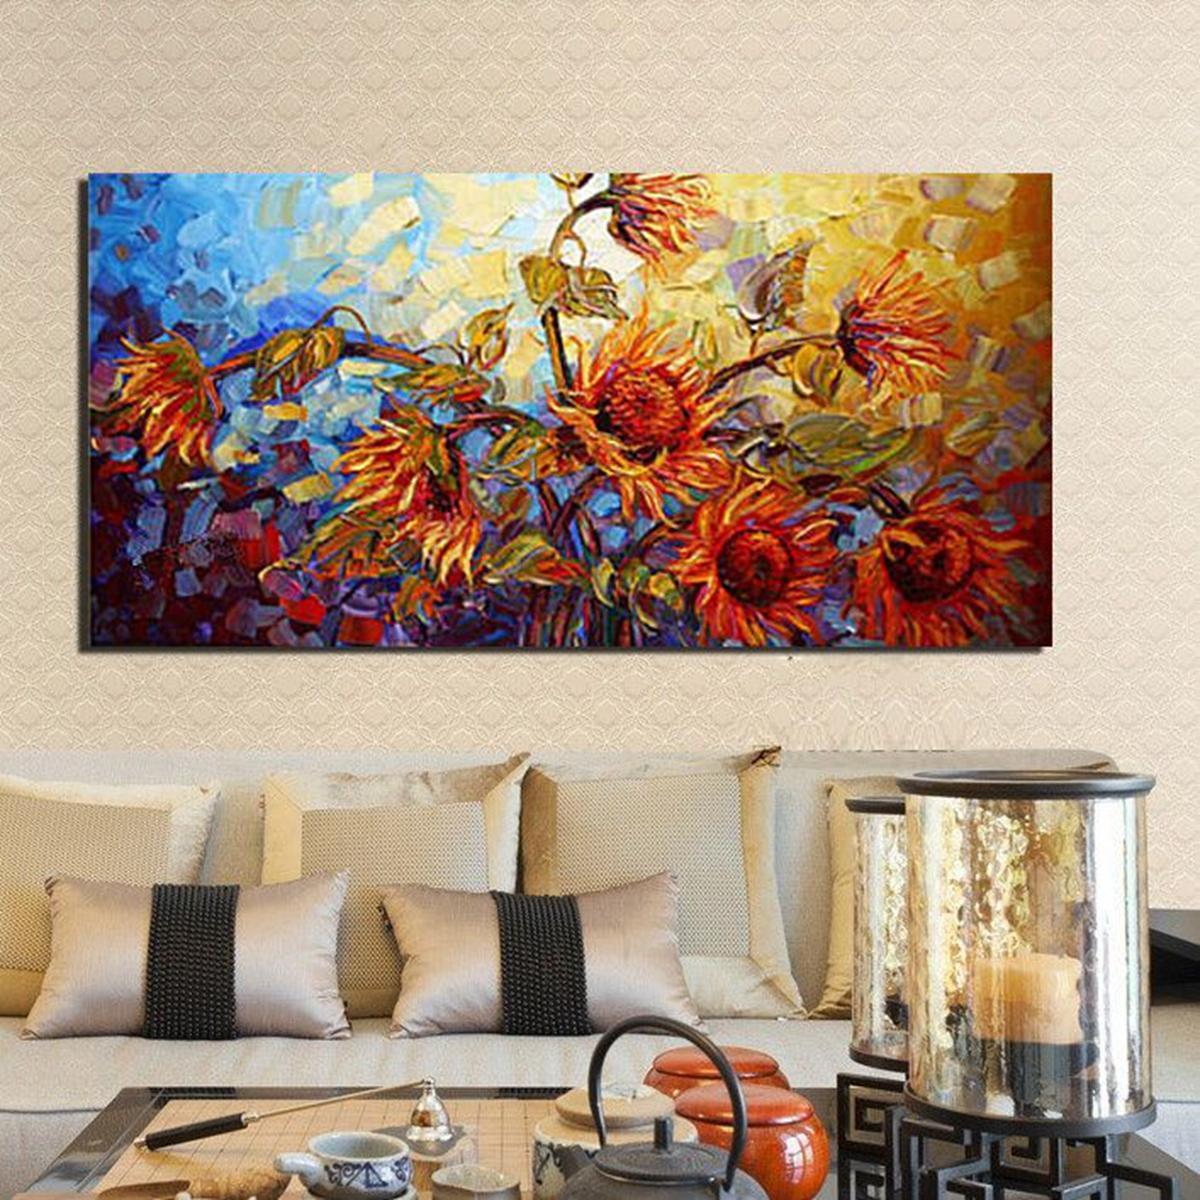 120x60см Абстракция Цветочный принт на Холсте Масло Картины Домашнего Декора Стен Без Рамы